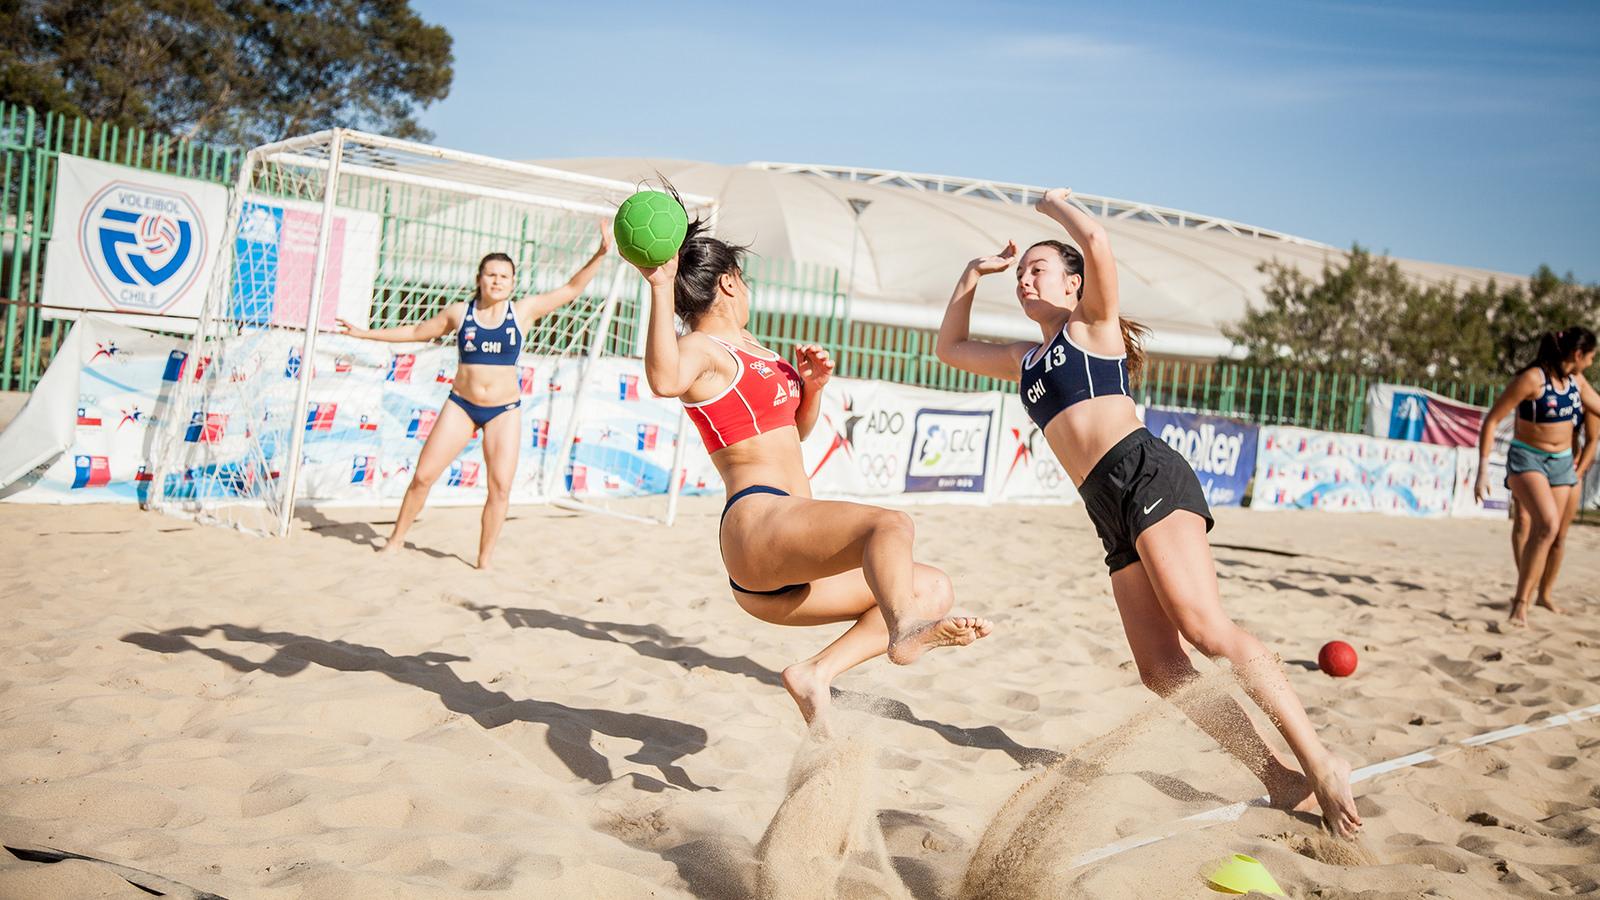 Beachhandball